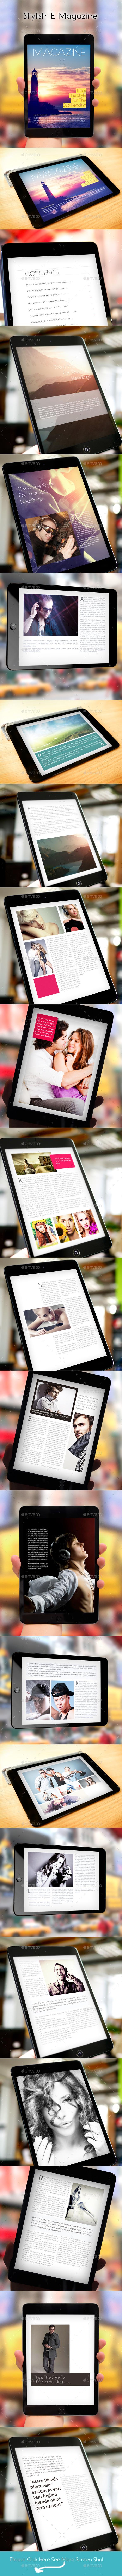 Stylish E-Magazine - Digital Magazines ePublishing